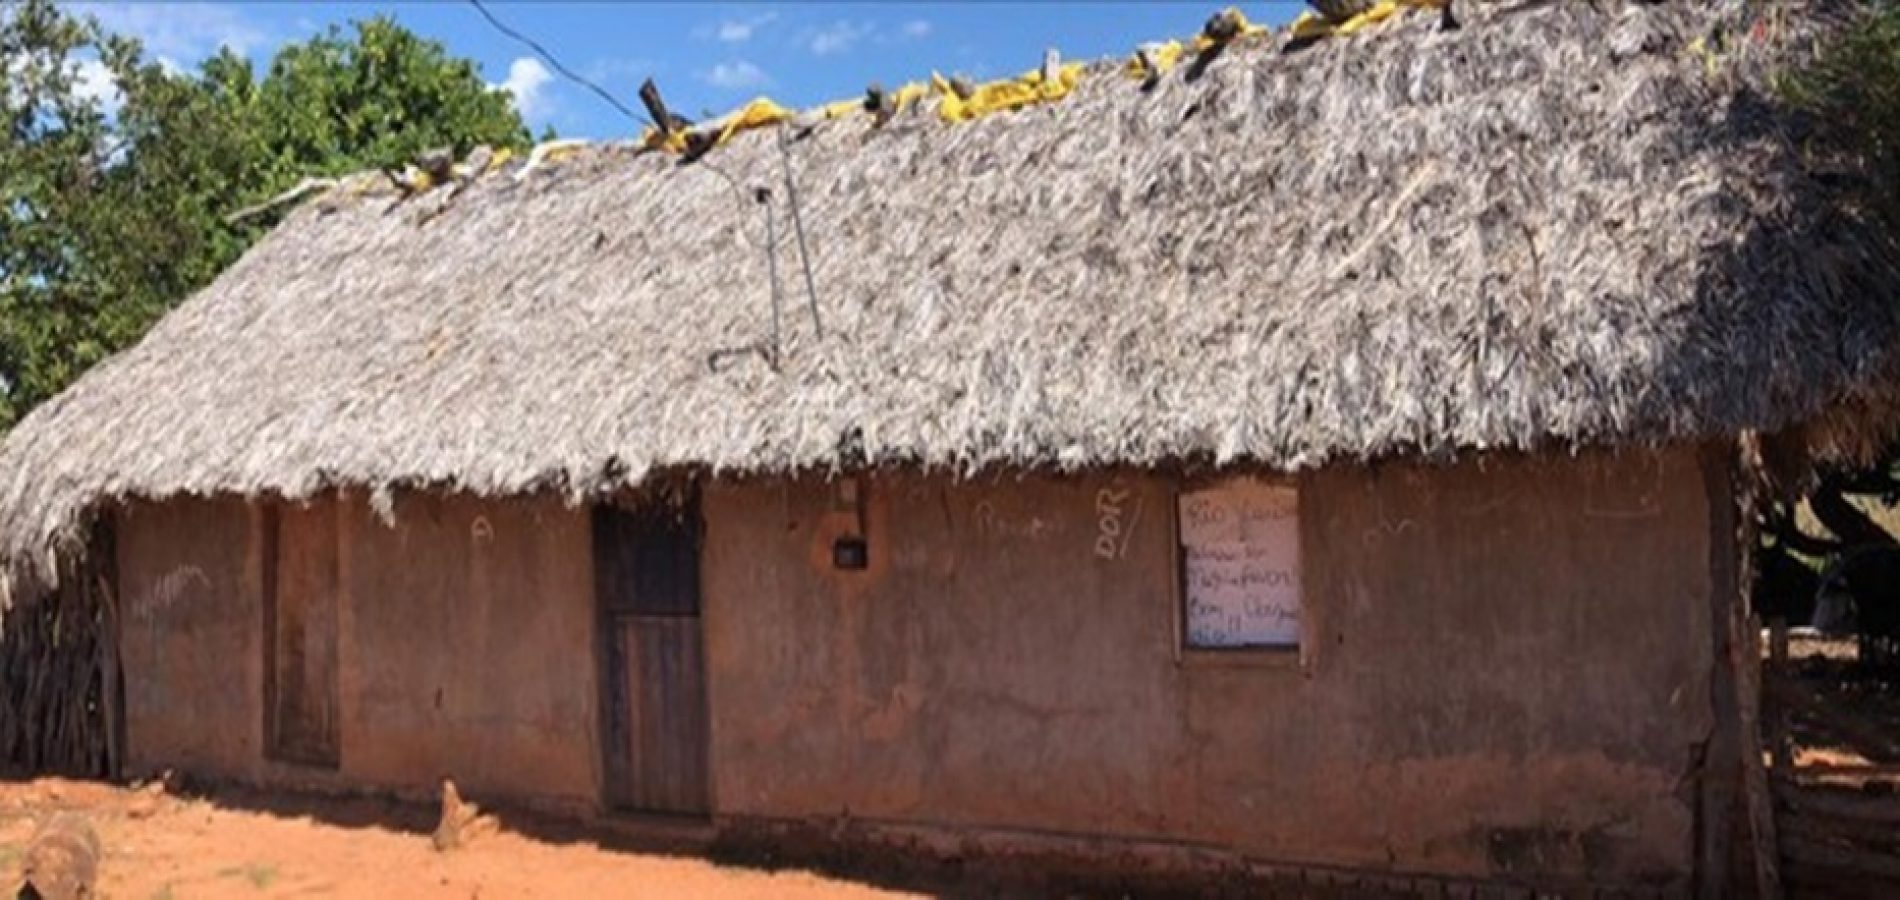 Quase 100 mil alunos de escolas irregulares no interior do Piauí podem ficar sem certificado